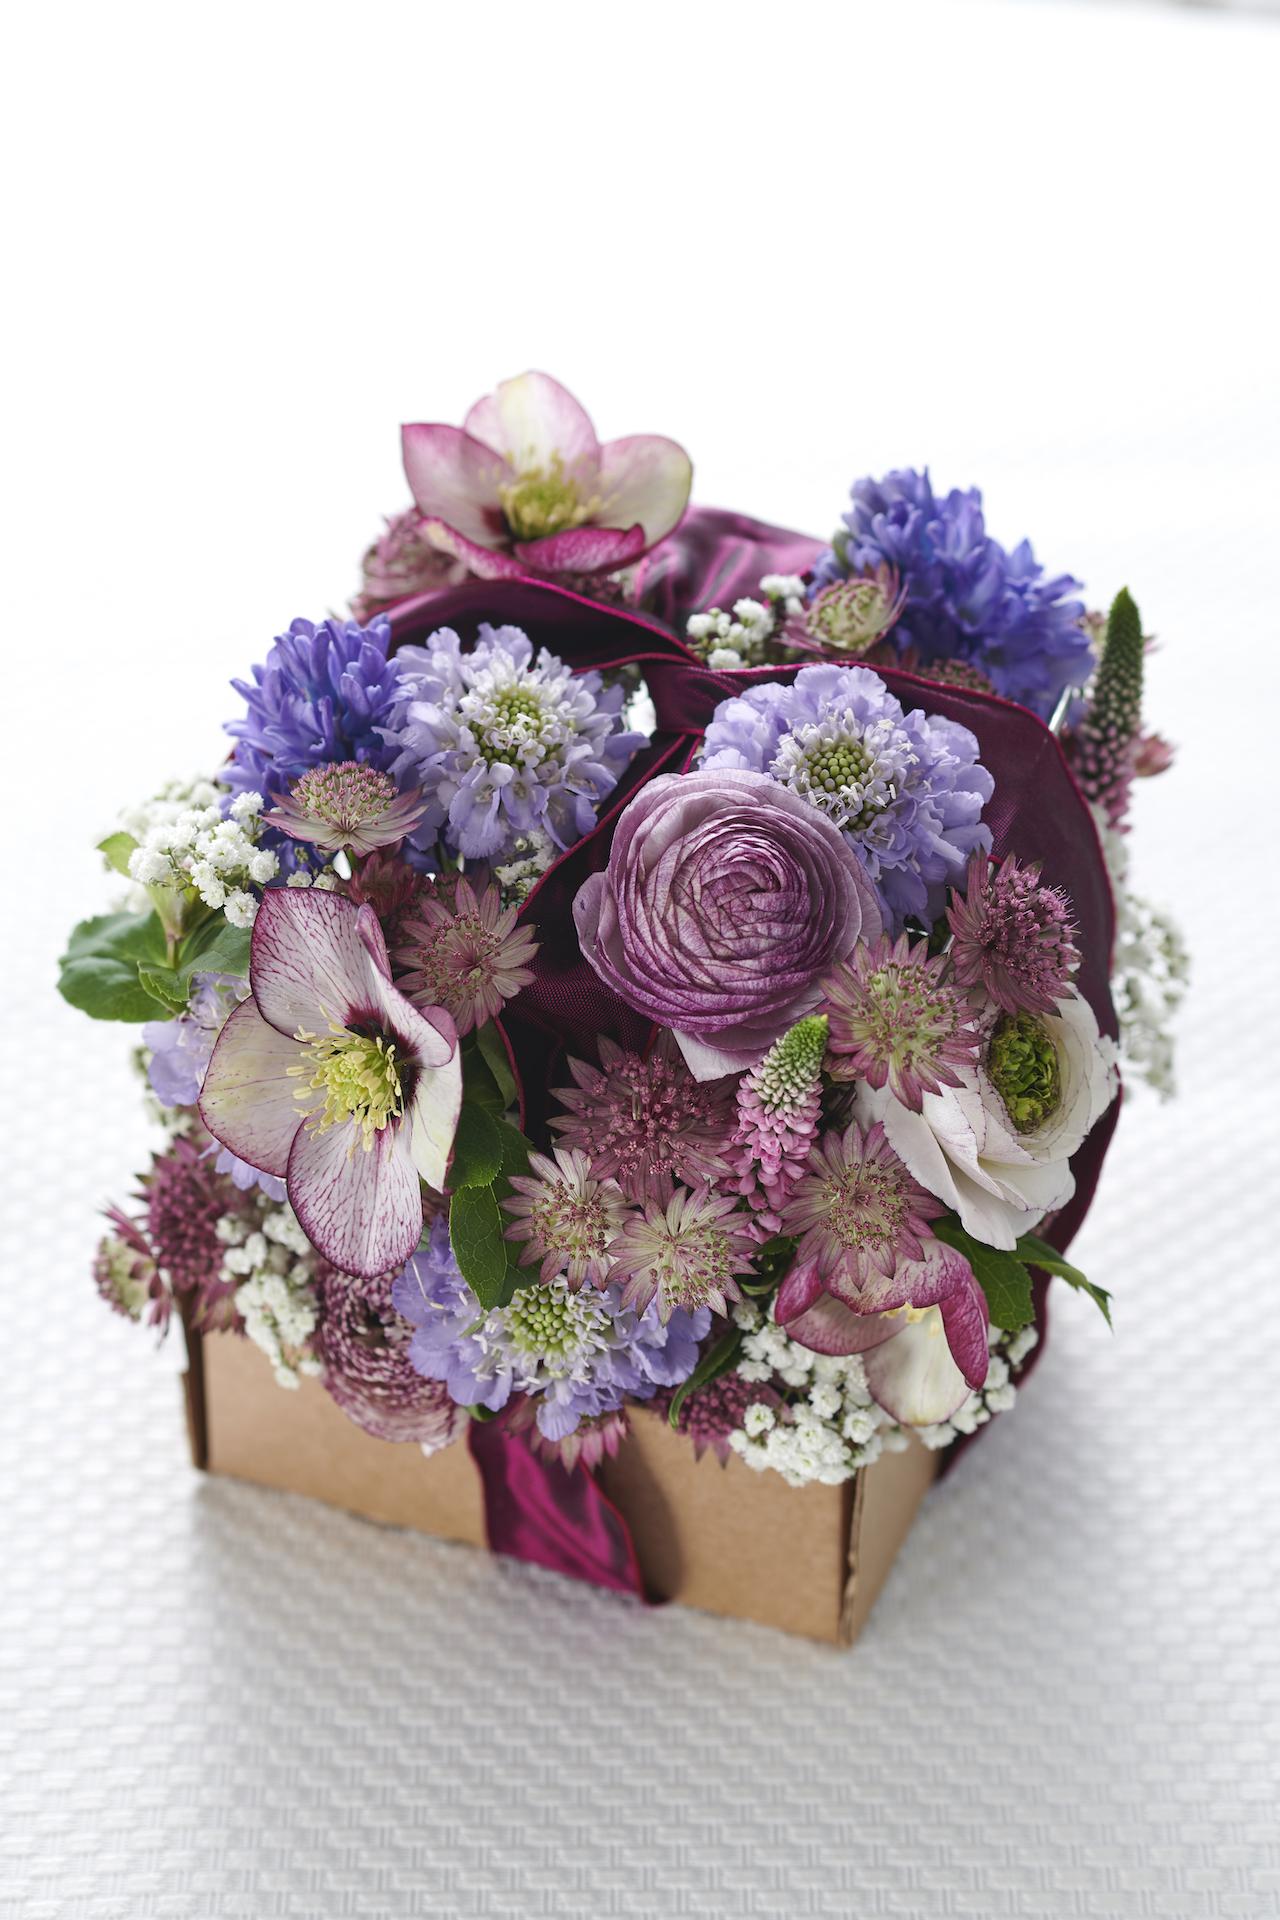 Cadeau feestdagen eindejaarsfeesten kerstmis nieuwjaar bloemen bloemendoos boeket Fleur Magazine